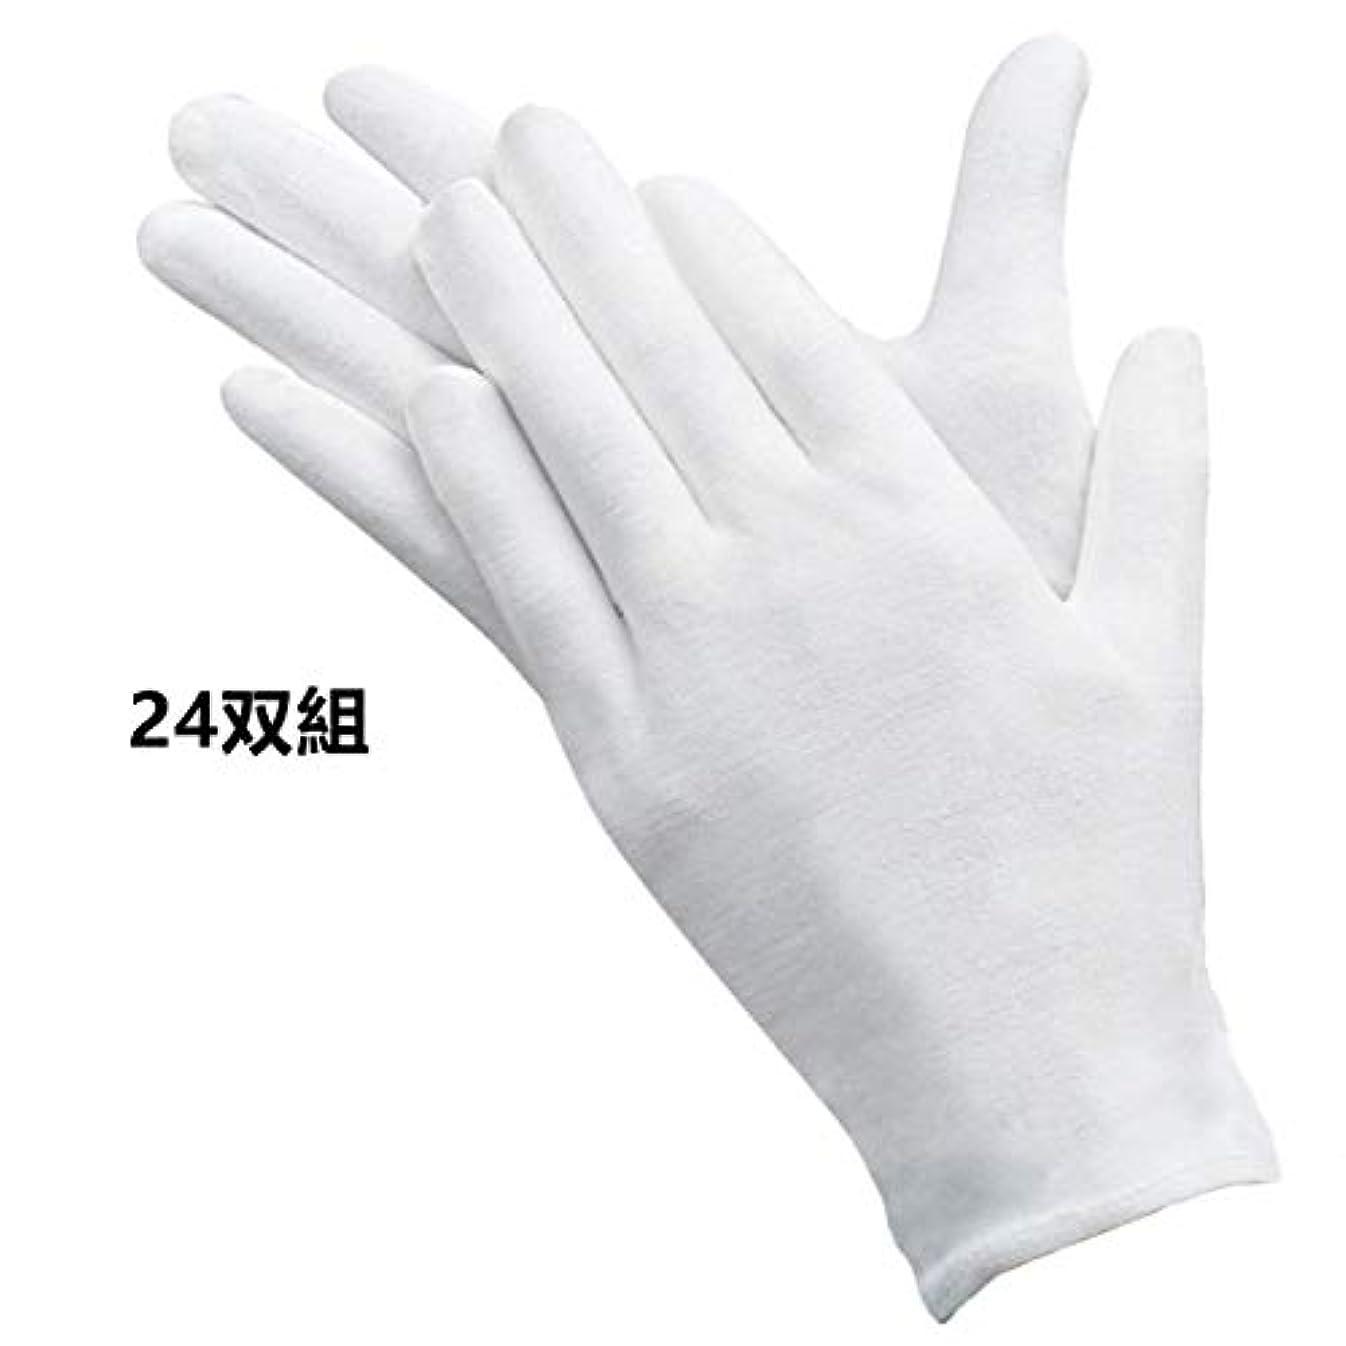 大気南極何故なのwinkong 綿手袋 24双組入り Lサイズ 純綿100% ホワイト コットン手袋 白手袋 メンズ 手袋 レディース 手荒れ防止 おやすみ 湿疹用 乾燥肌用 保湿用 礼装用 作業用